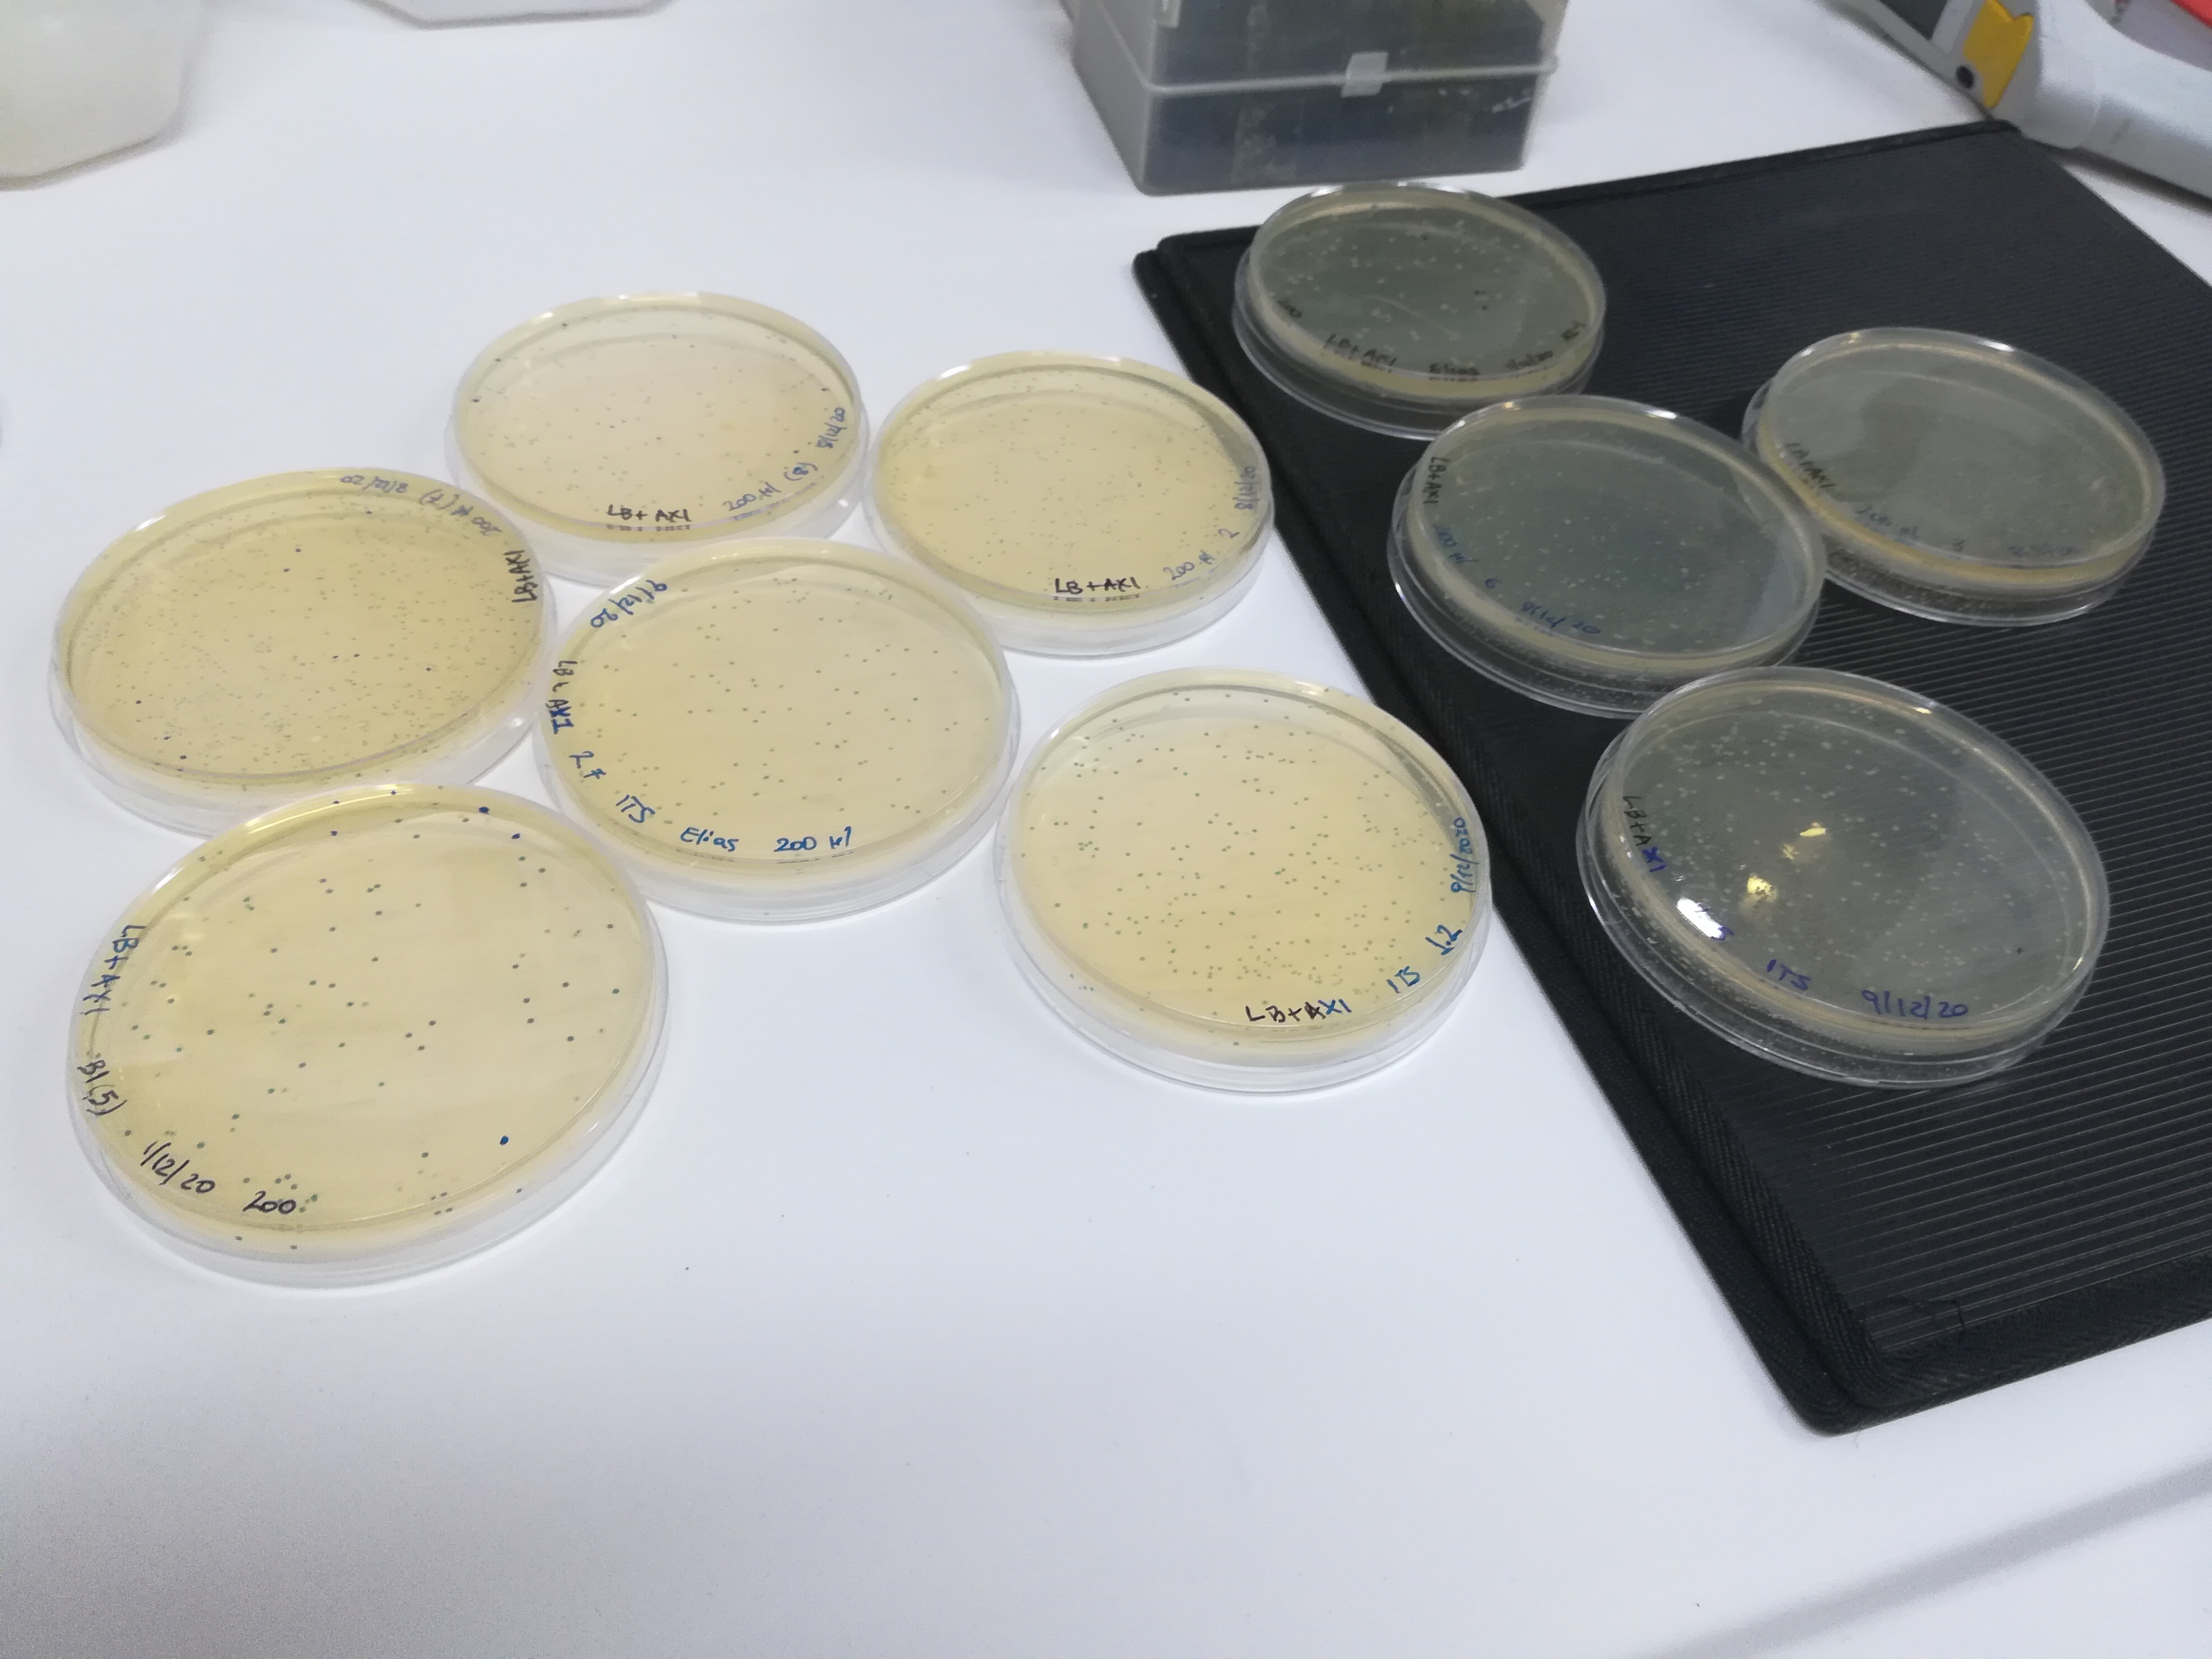 Αποτελέσματα κλωνοποίησης. Εμφανιση λευκών/μπλε αποικιών (ΕΜΓΜ)